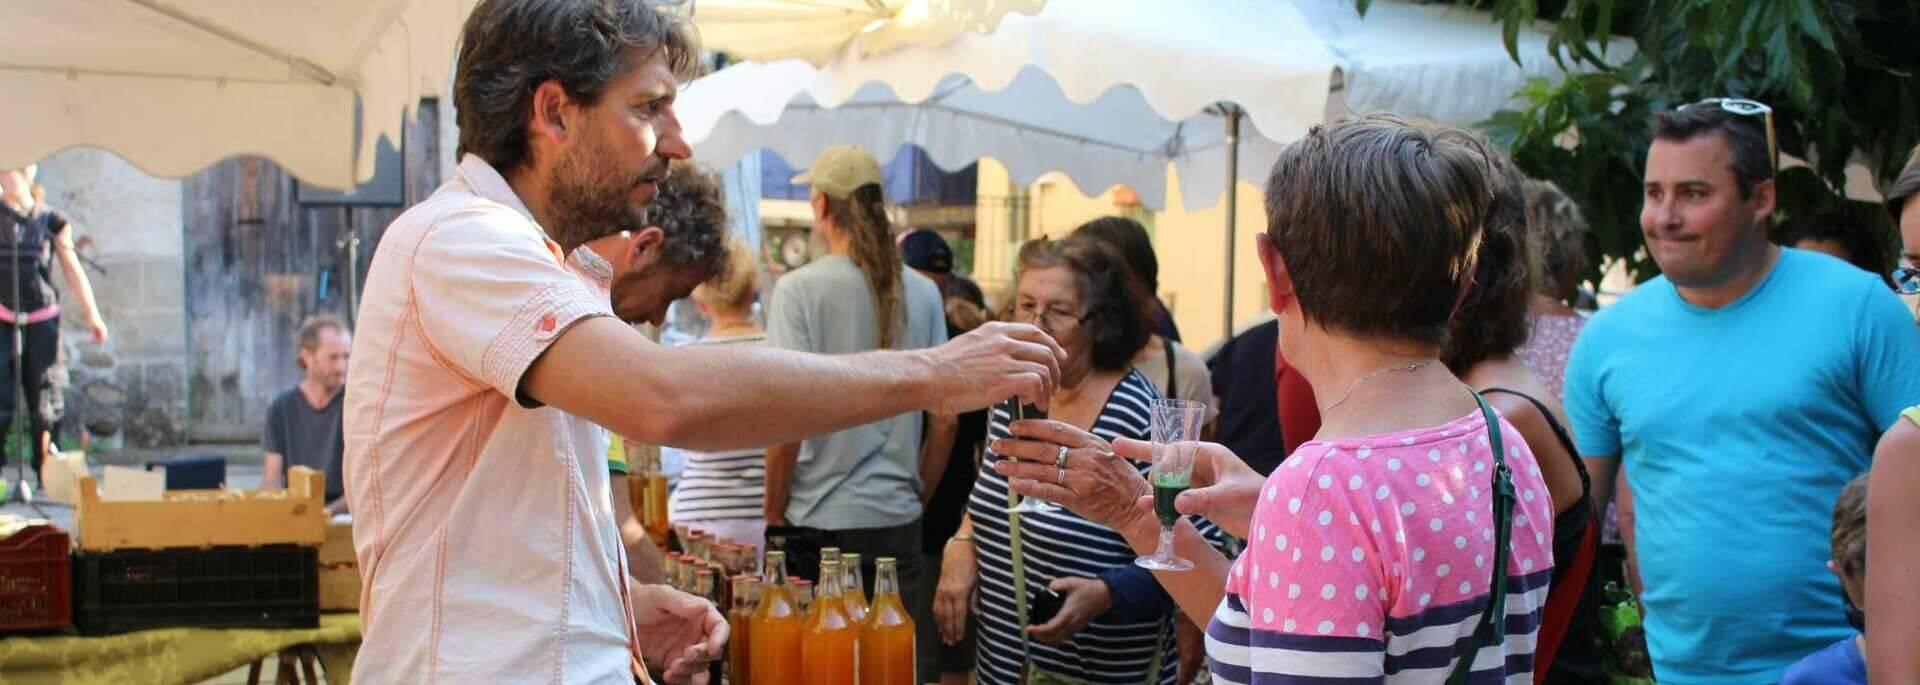 Spiruline, Le chant de l'eau - marché de la Rotja